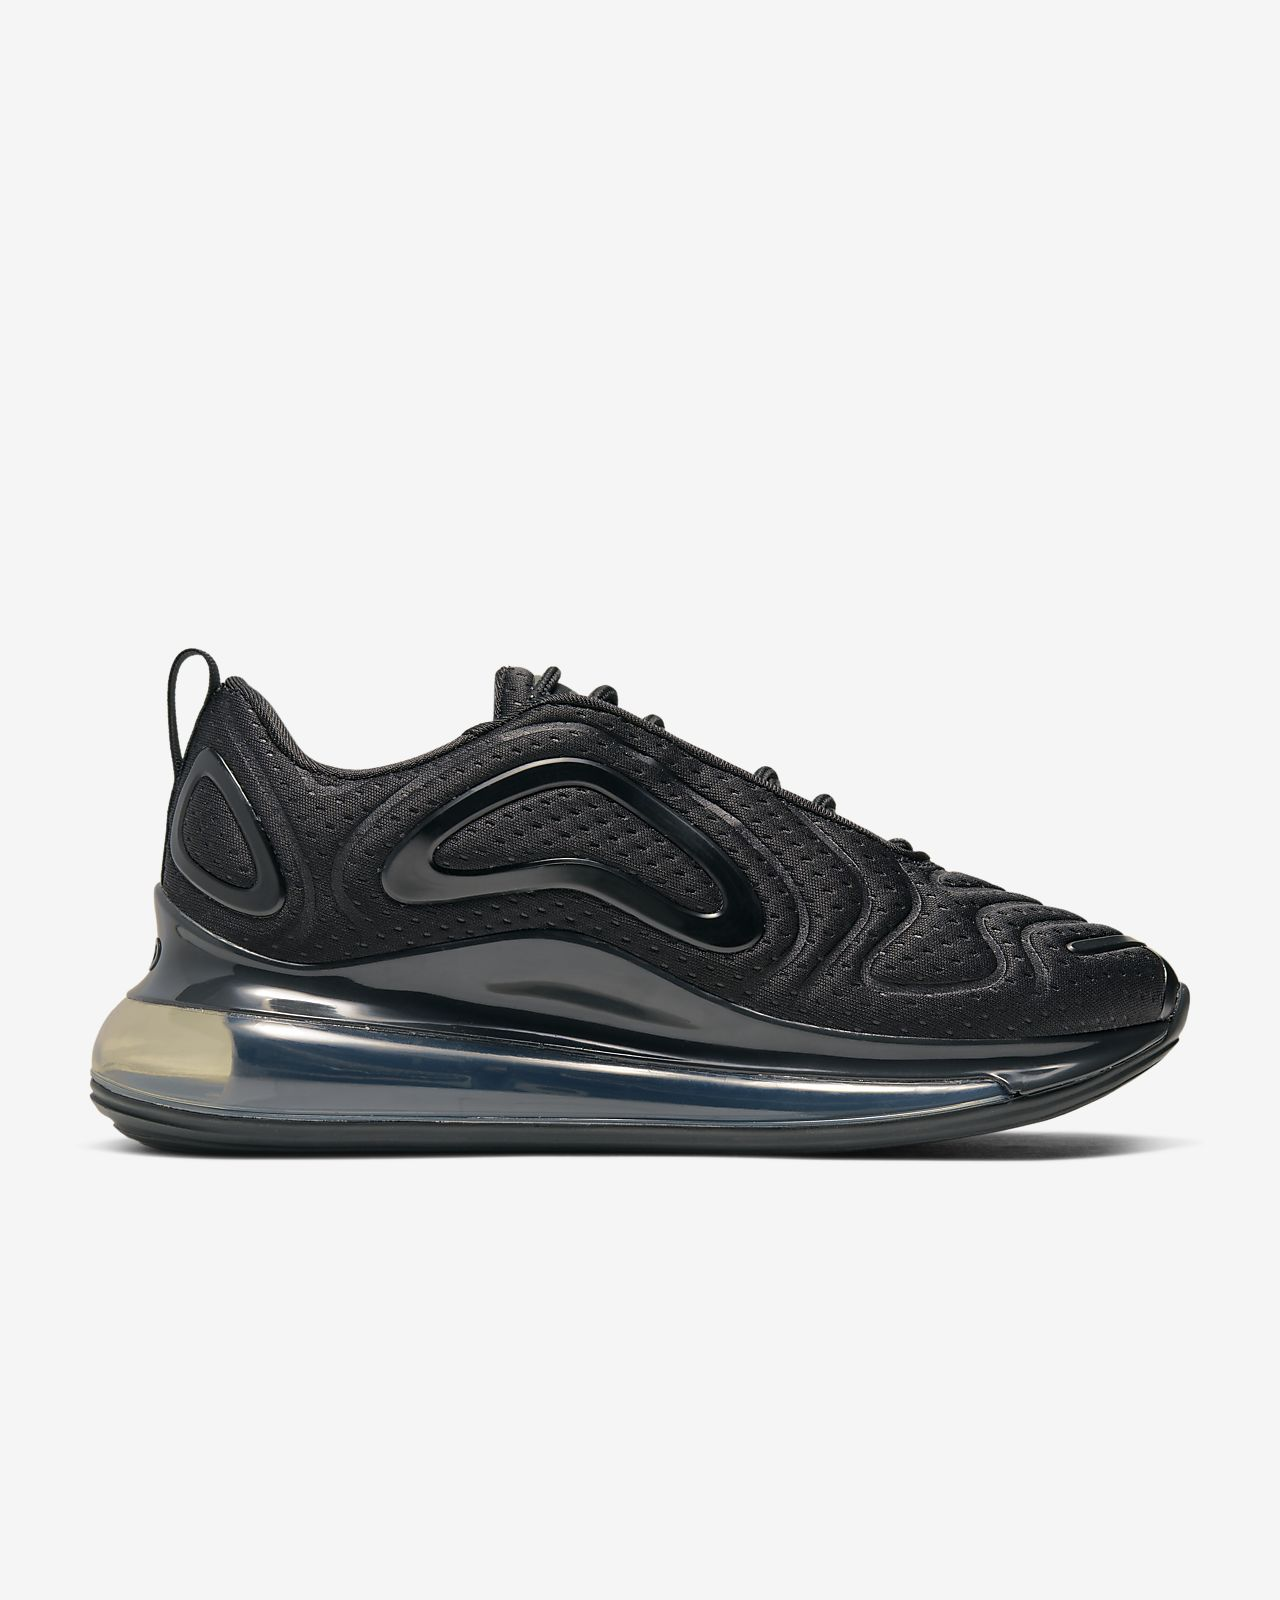 Buy Nike Air Max 720 BlackAnthracite